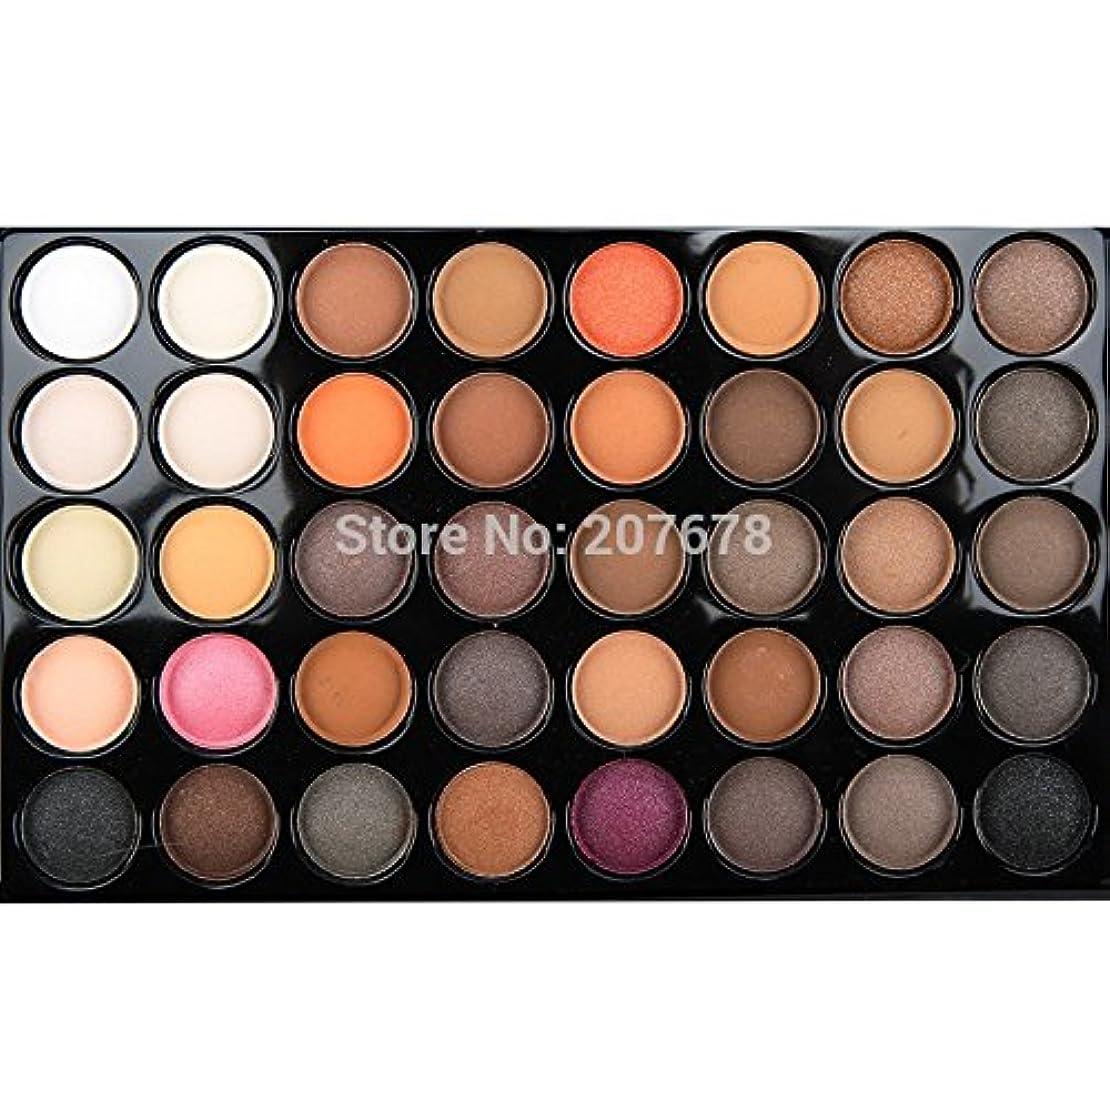 ダメージなだめるビン40 Color Matte Eyeshadow Pallete Make Up Palette Eye Shadow Glitter Natural Easy to Wear Waterproof Lasting Makeup...